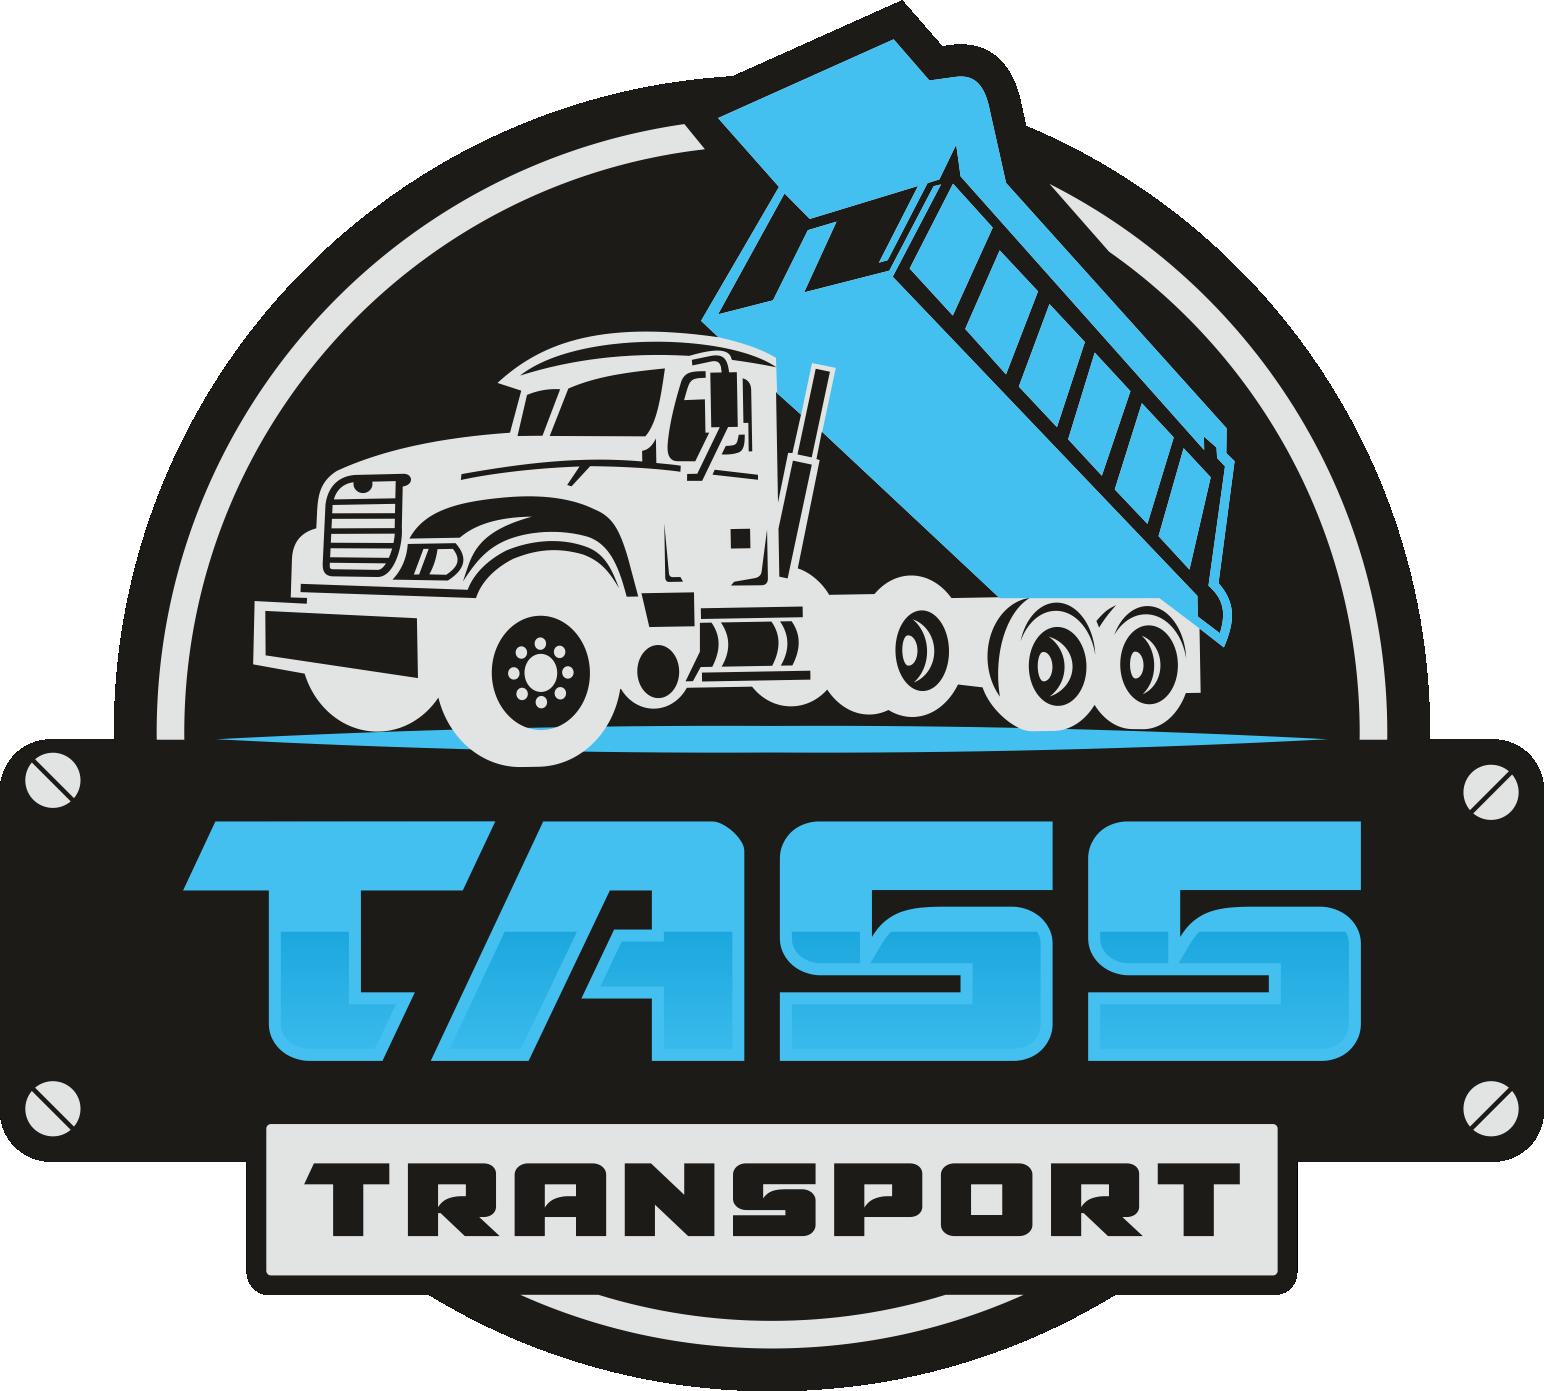 TASS TRANSPORT